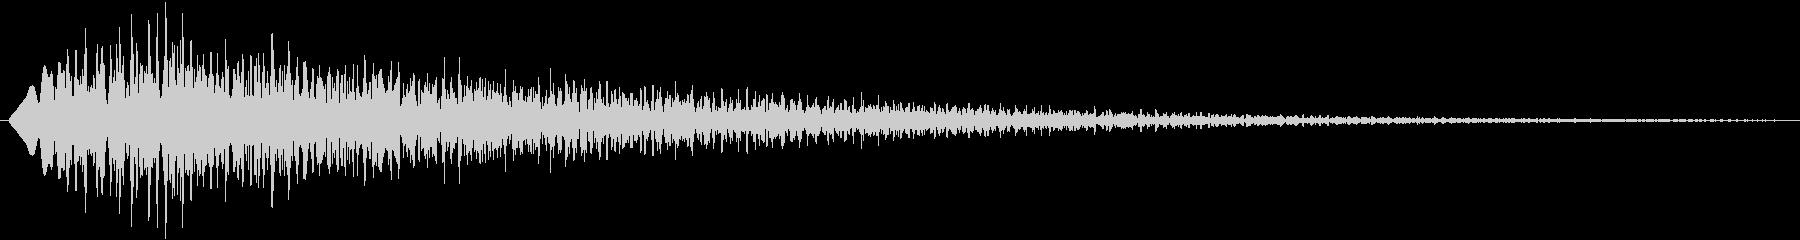 フワフワー(決定、ゲーム)の未再生の波形